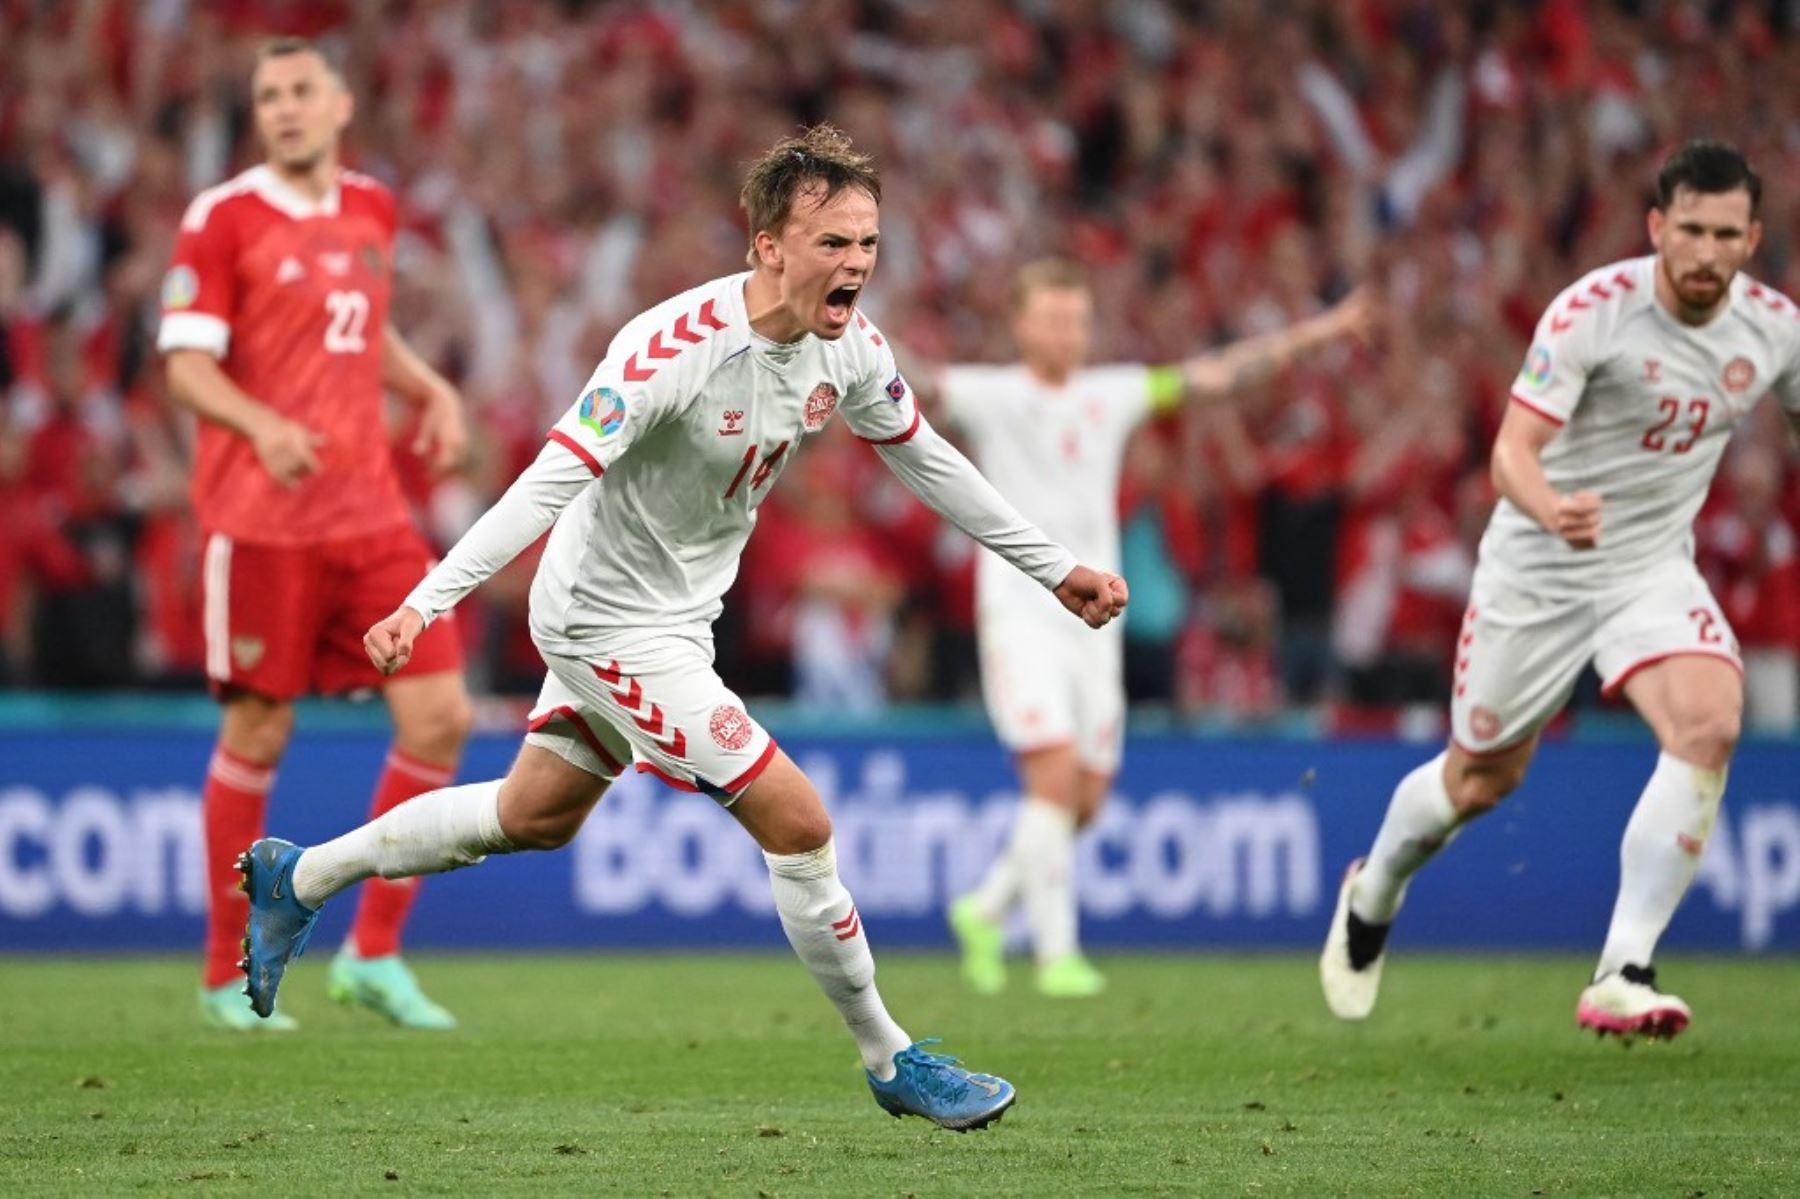 El delantero danés Mikkel Damsgaard celebra tras anotar el primer gol de su equipo durante el partido de fútbol del Grupo B de la UEFA EURO 2020 entre Rusia y Dinamarca en el estadio Parken de Copenhague el 21 de junio de 2021. Foto: AFP